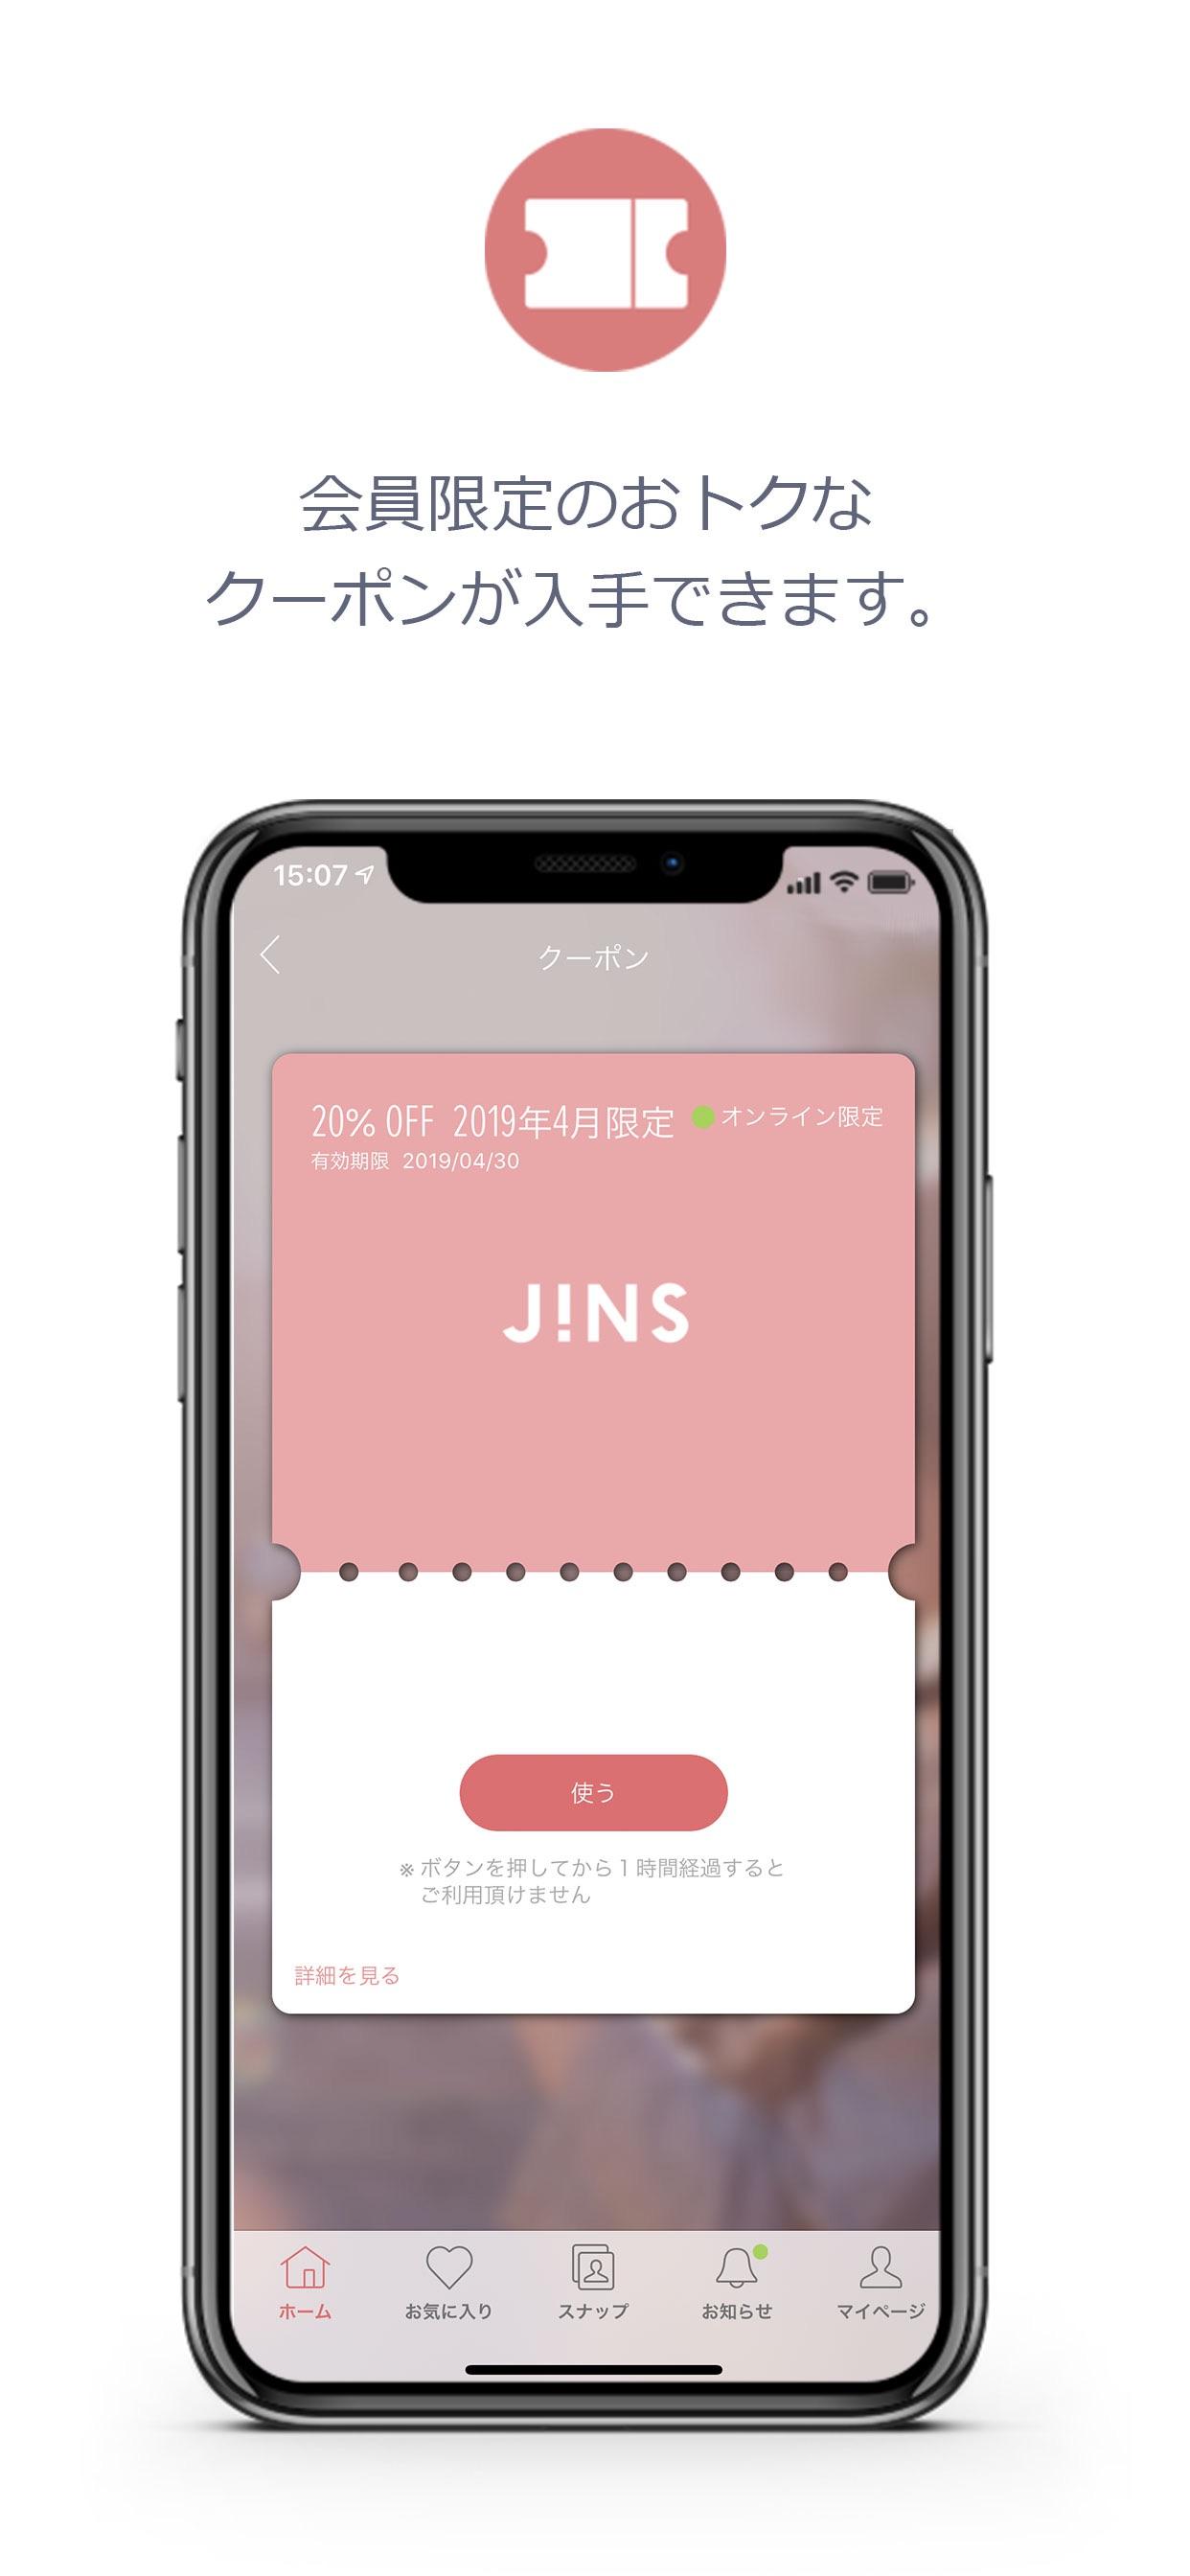 JINSアプリ